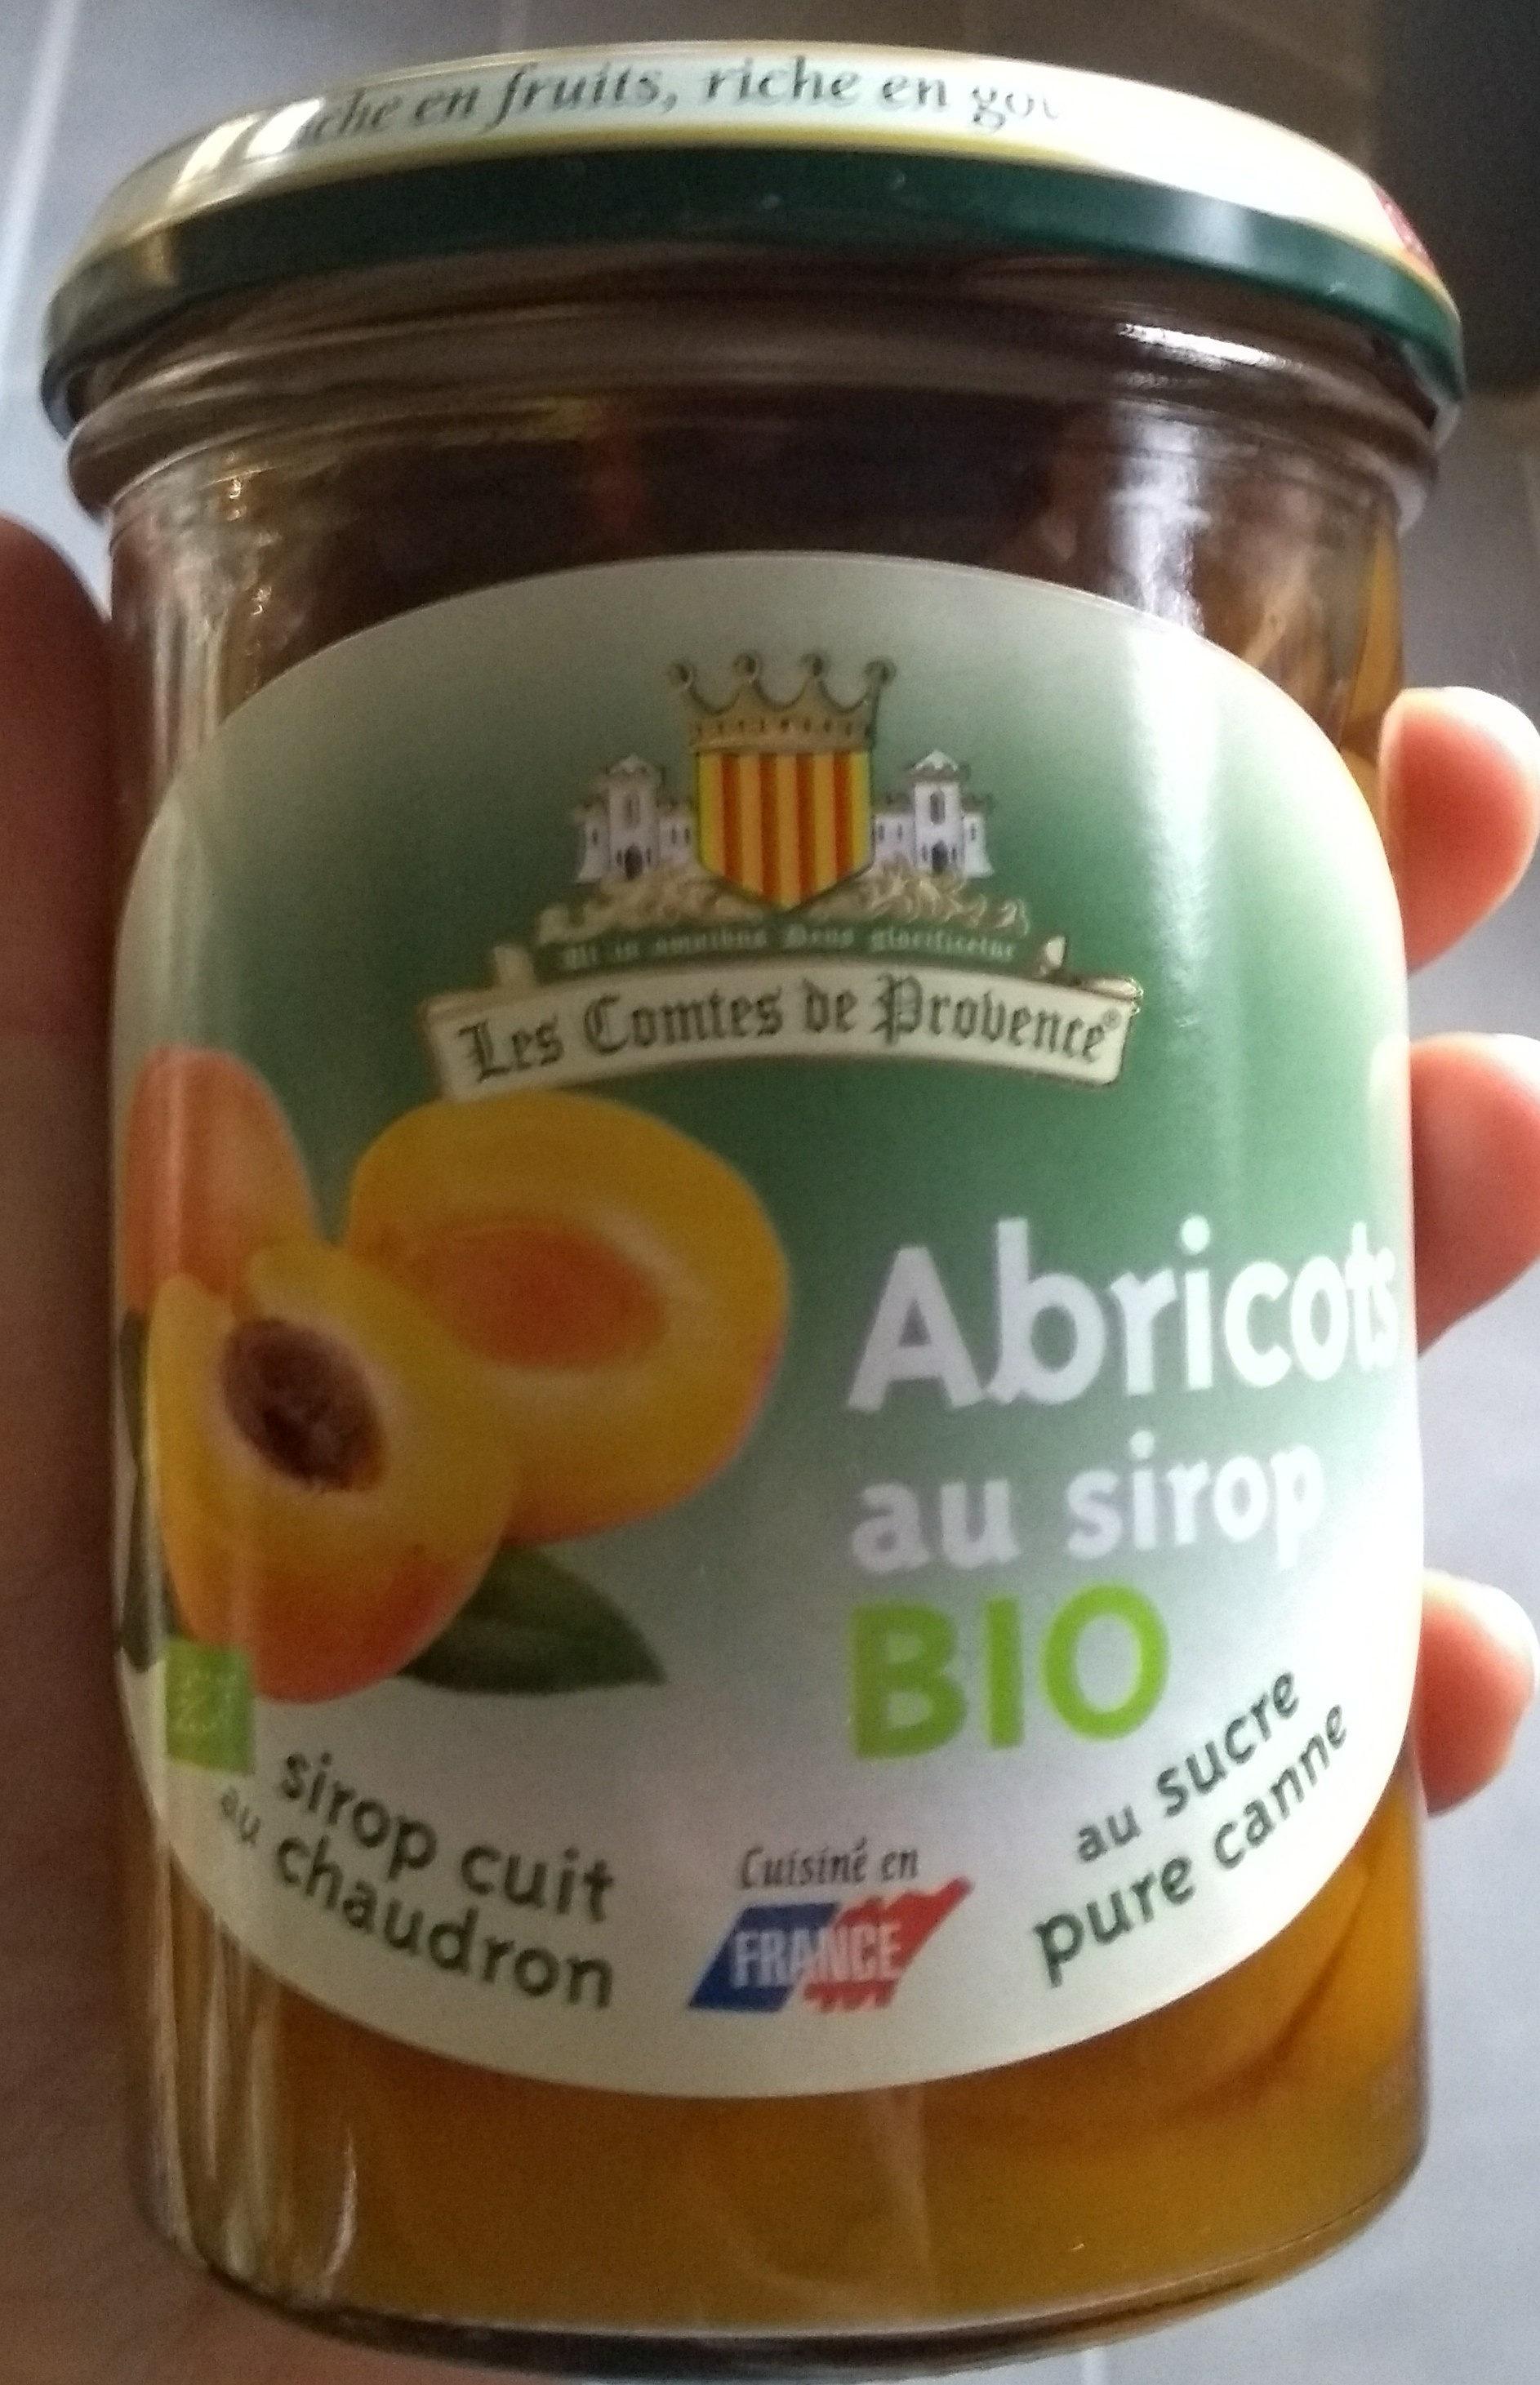 Abricot au sirop - Product